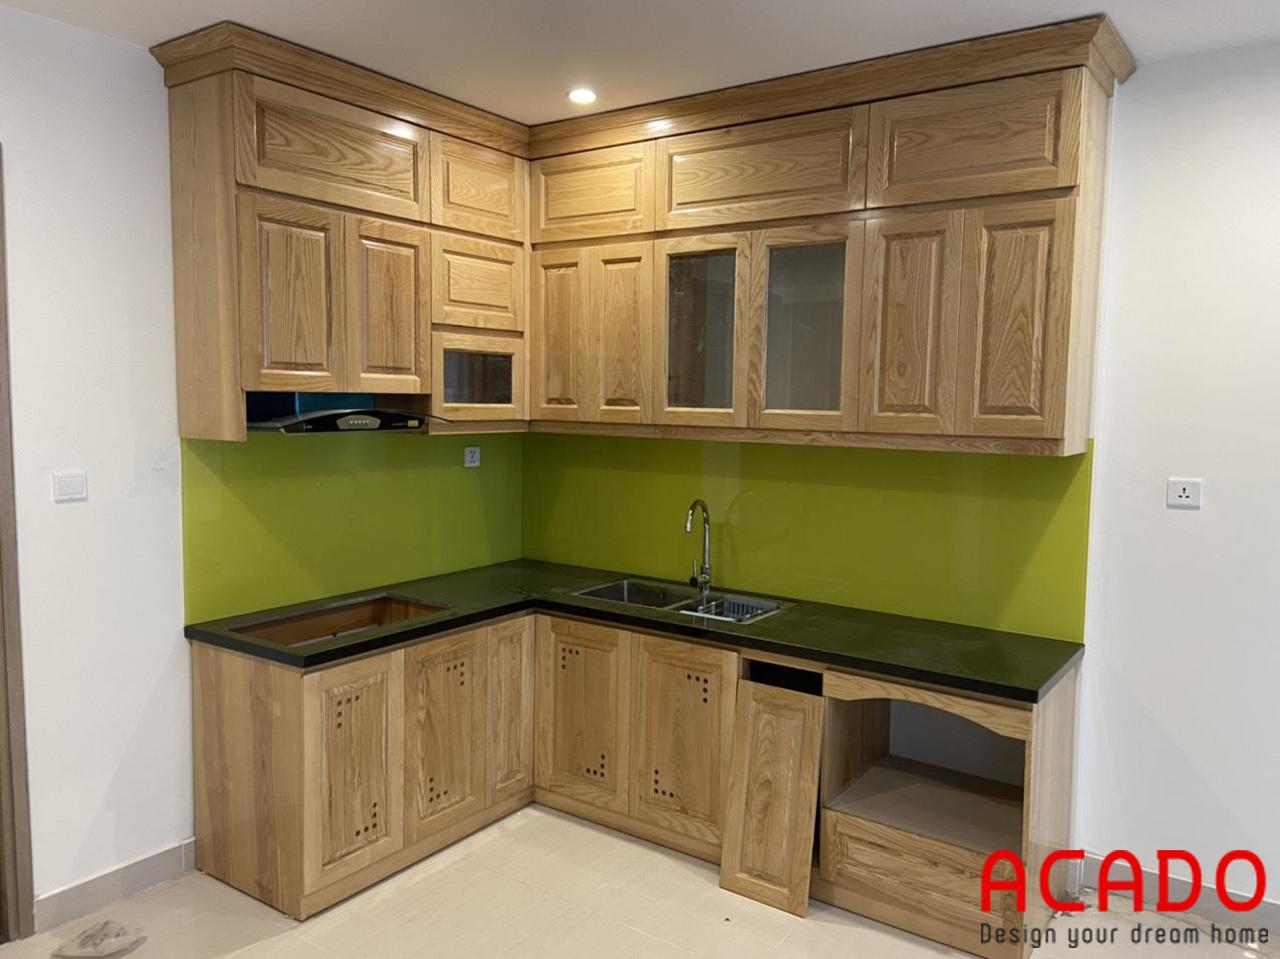 Bộ tủ bếp đã hoàn thiện để bàn giao cho khách hàng